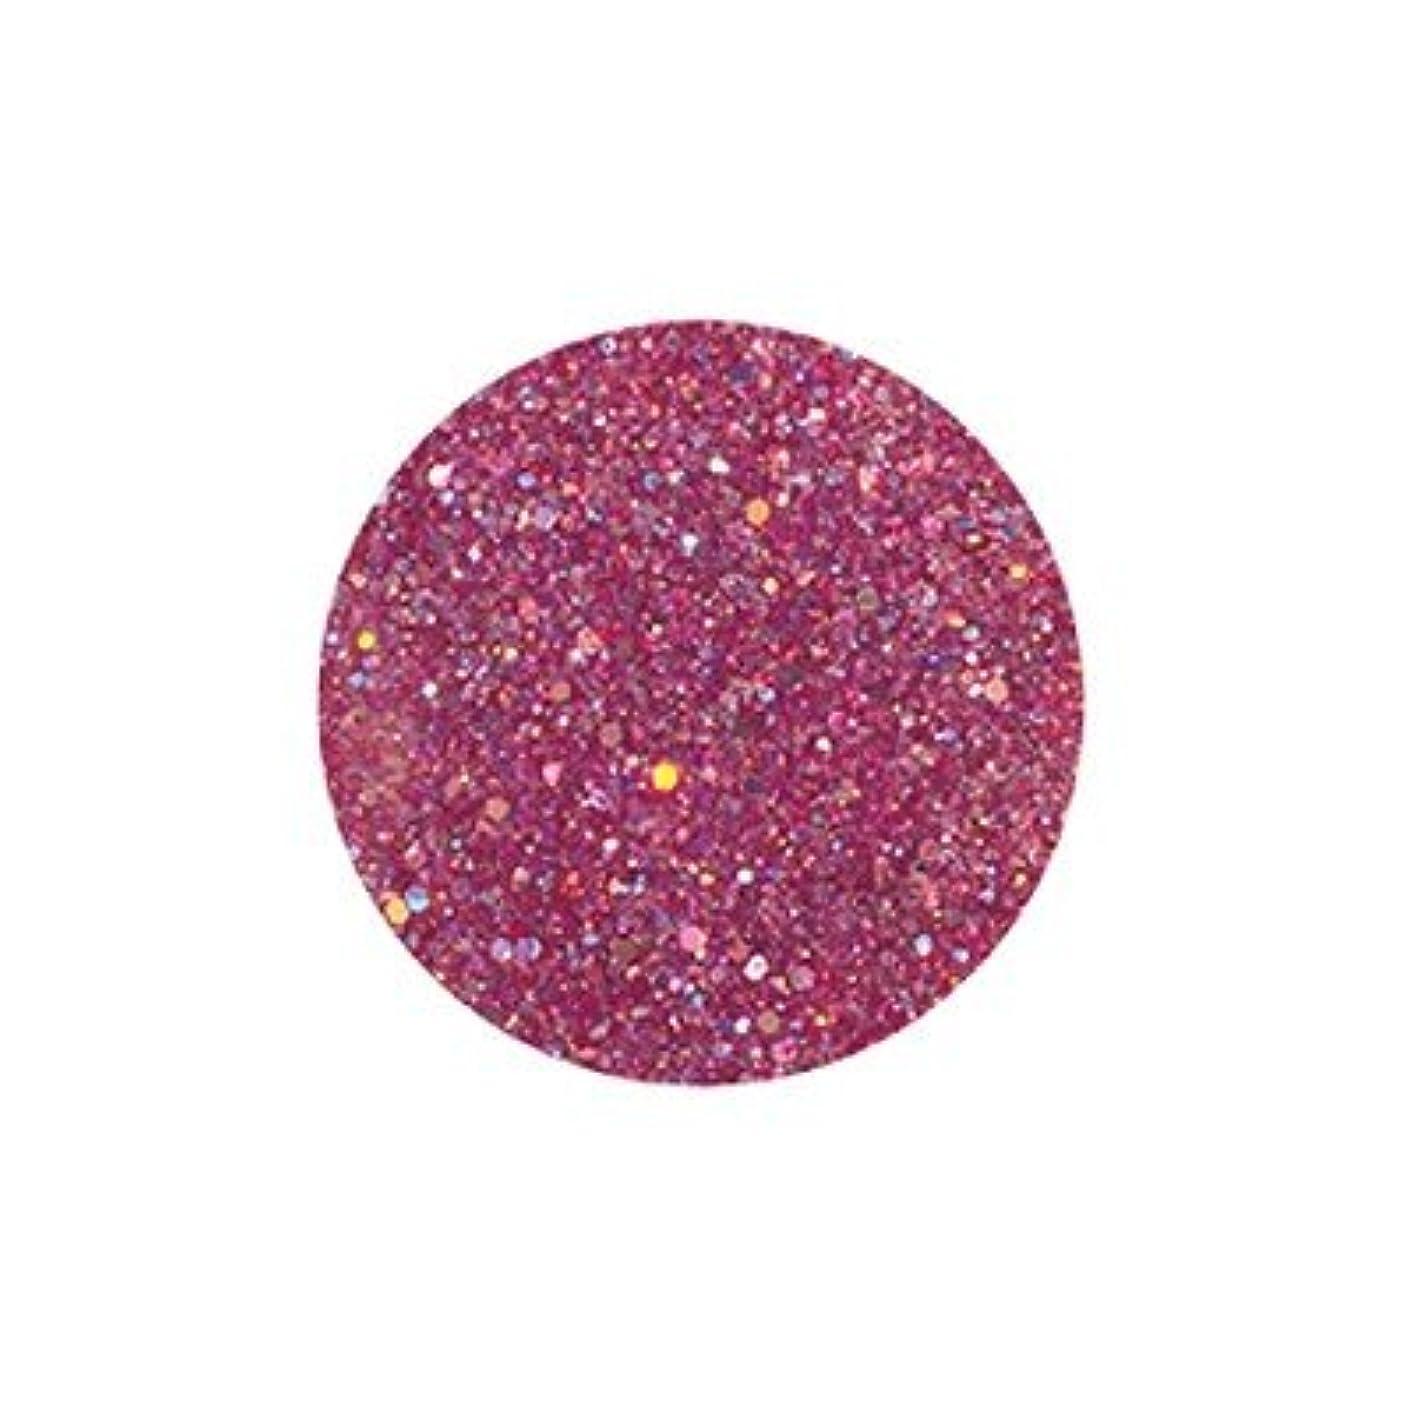 担当者自体ケーキFANTASY NAIL ダイヤモンドコレクション 3g 4259XS カラーパウダー アート材